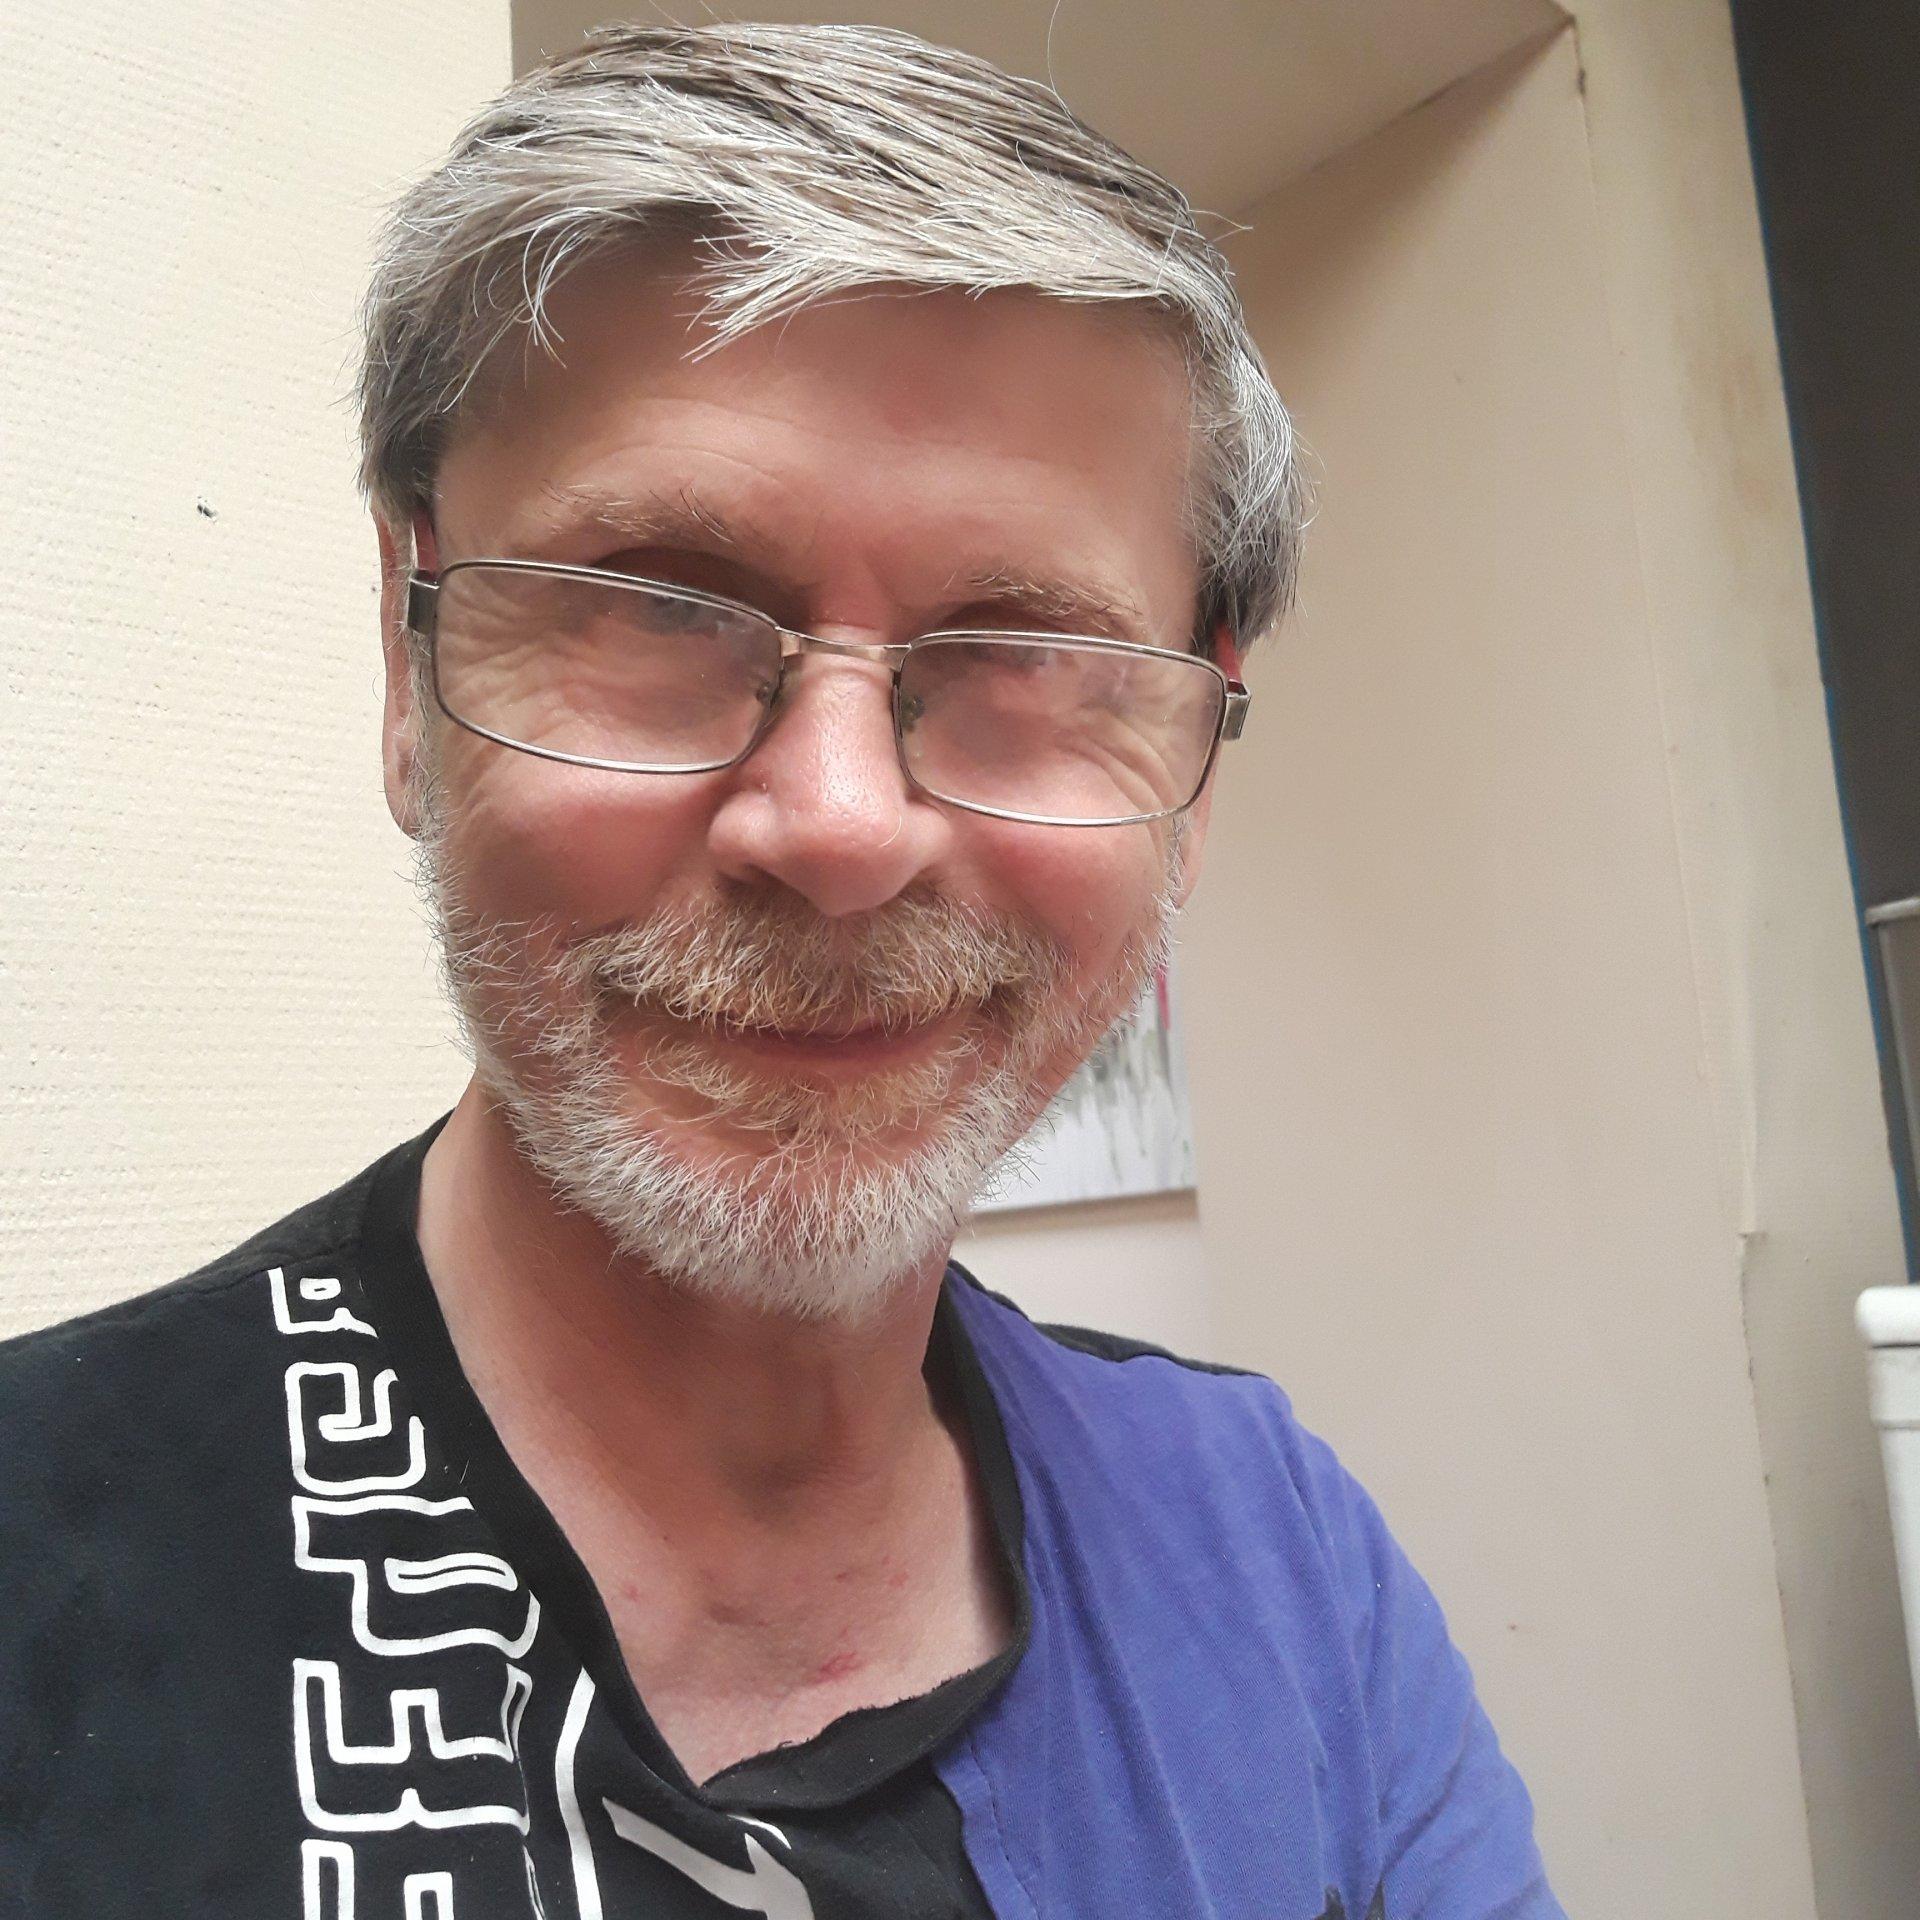 Mario Jonckheere aus Oost-Vlaanderen,Belgien